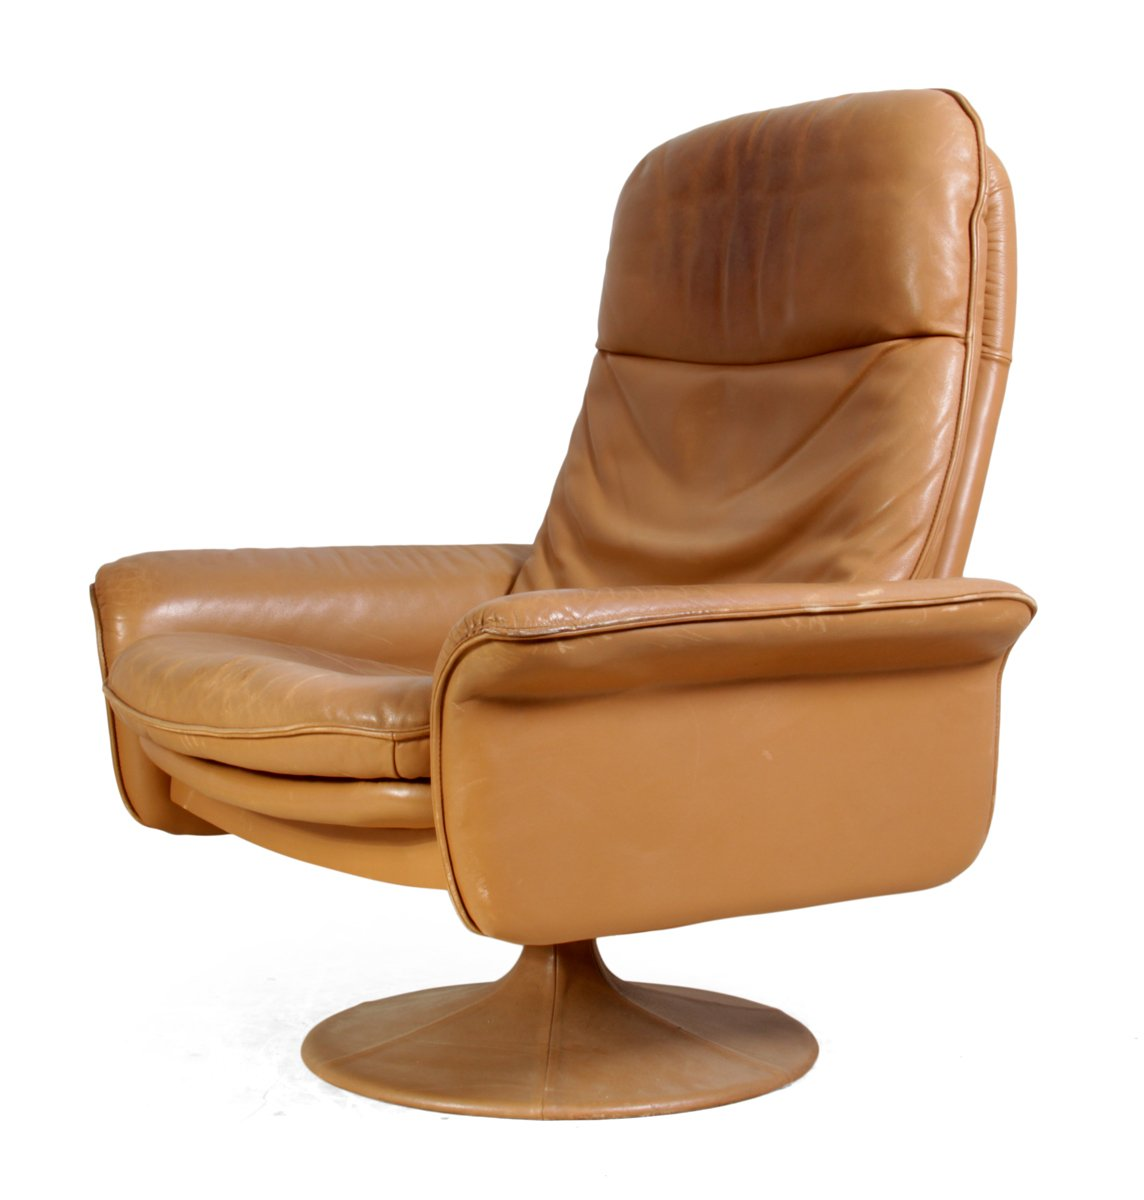 leder drehsessel von de sede 1960er bei pamono kaufen. Black Bedroom Furniture Sets. Home Design Ideas